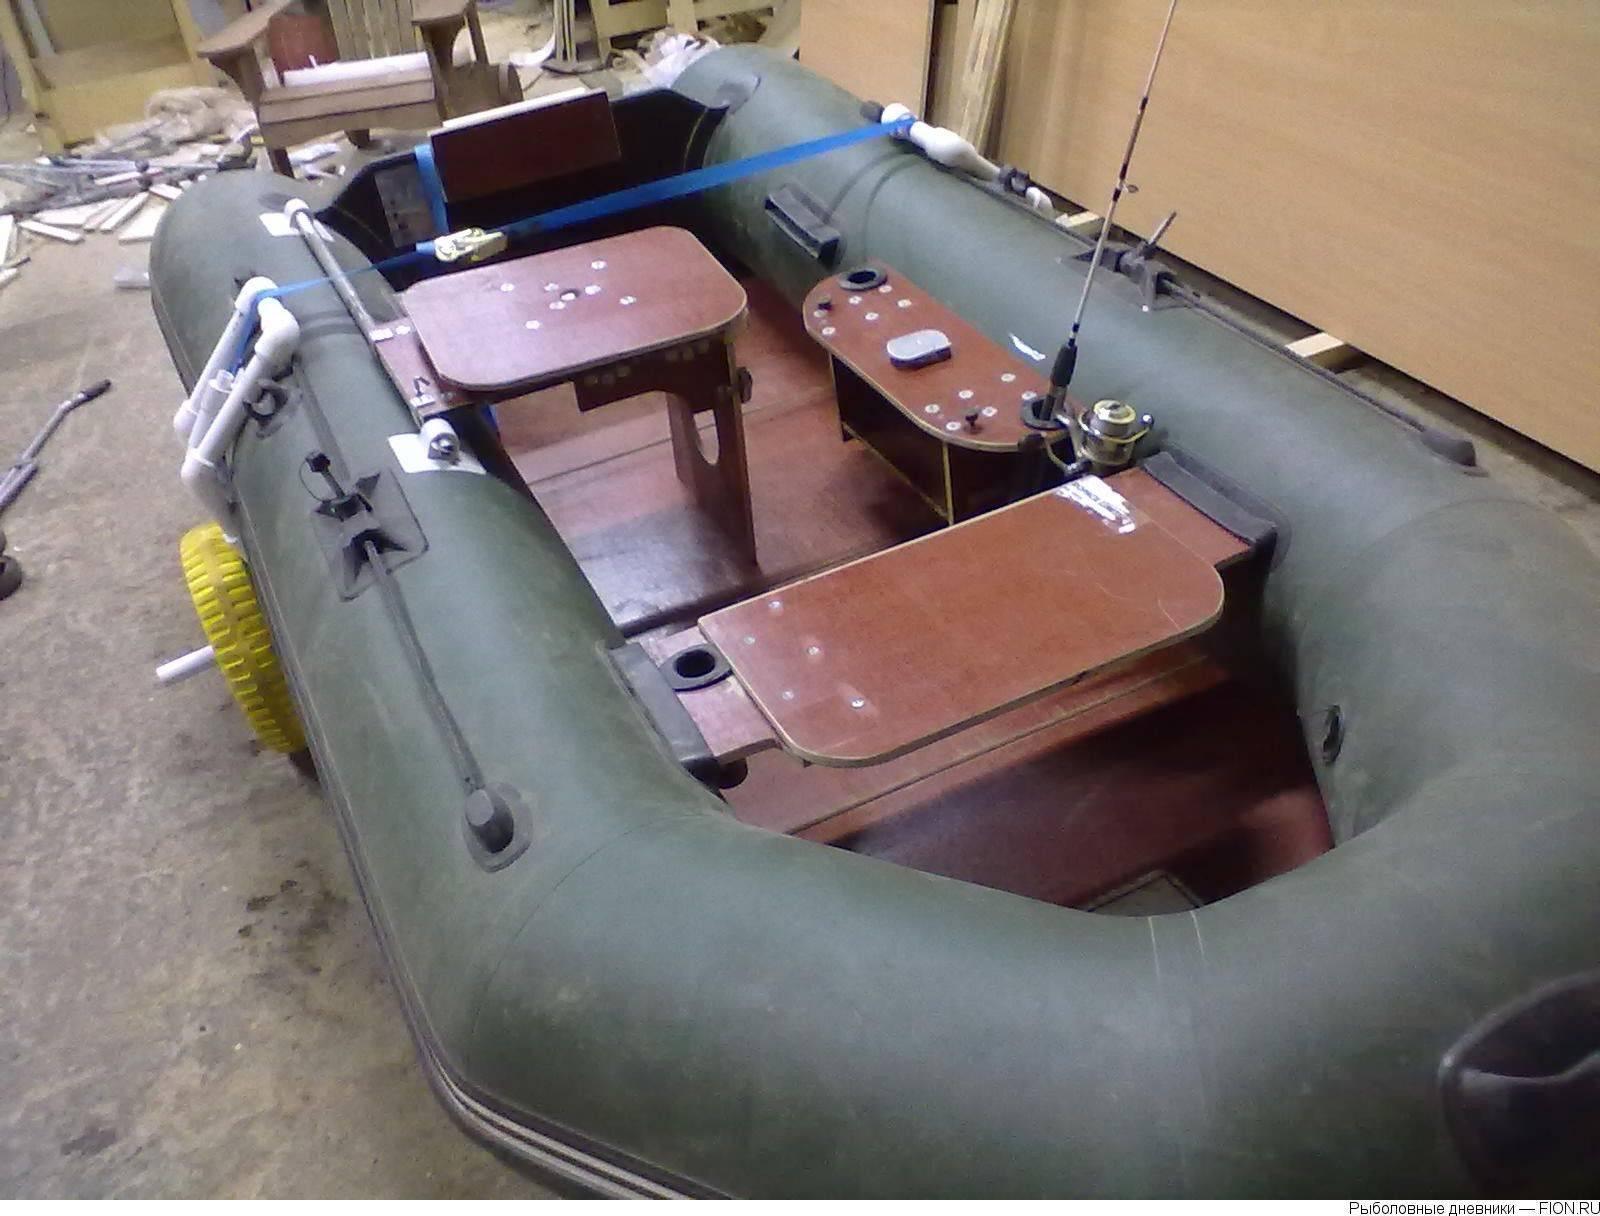 Рыбачим в свое удовольствие, сделав столик в лодку пвх своими руками. тюнинг моторных надувных лодок пвх своими руками